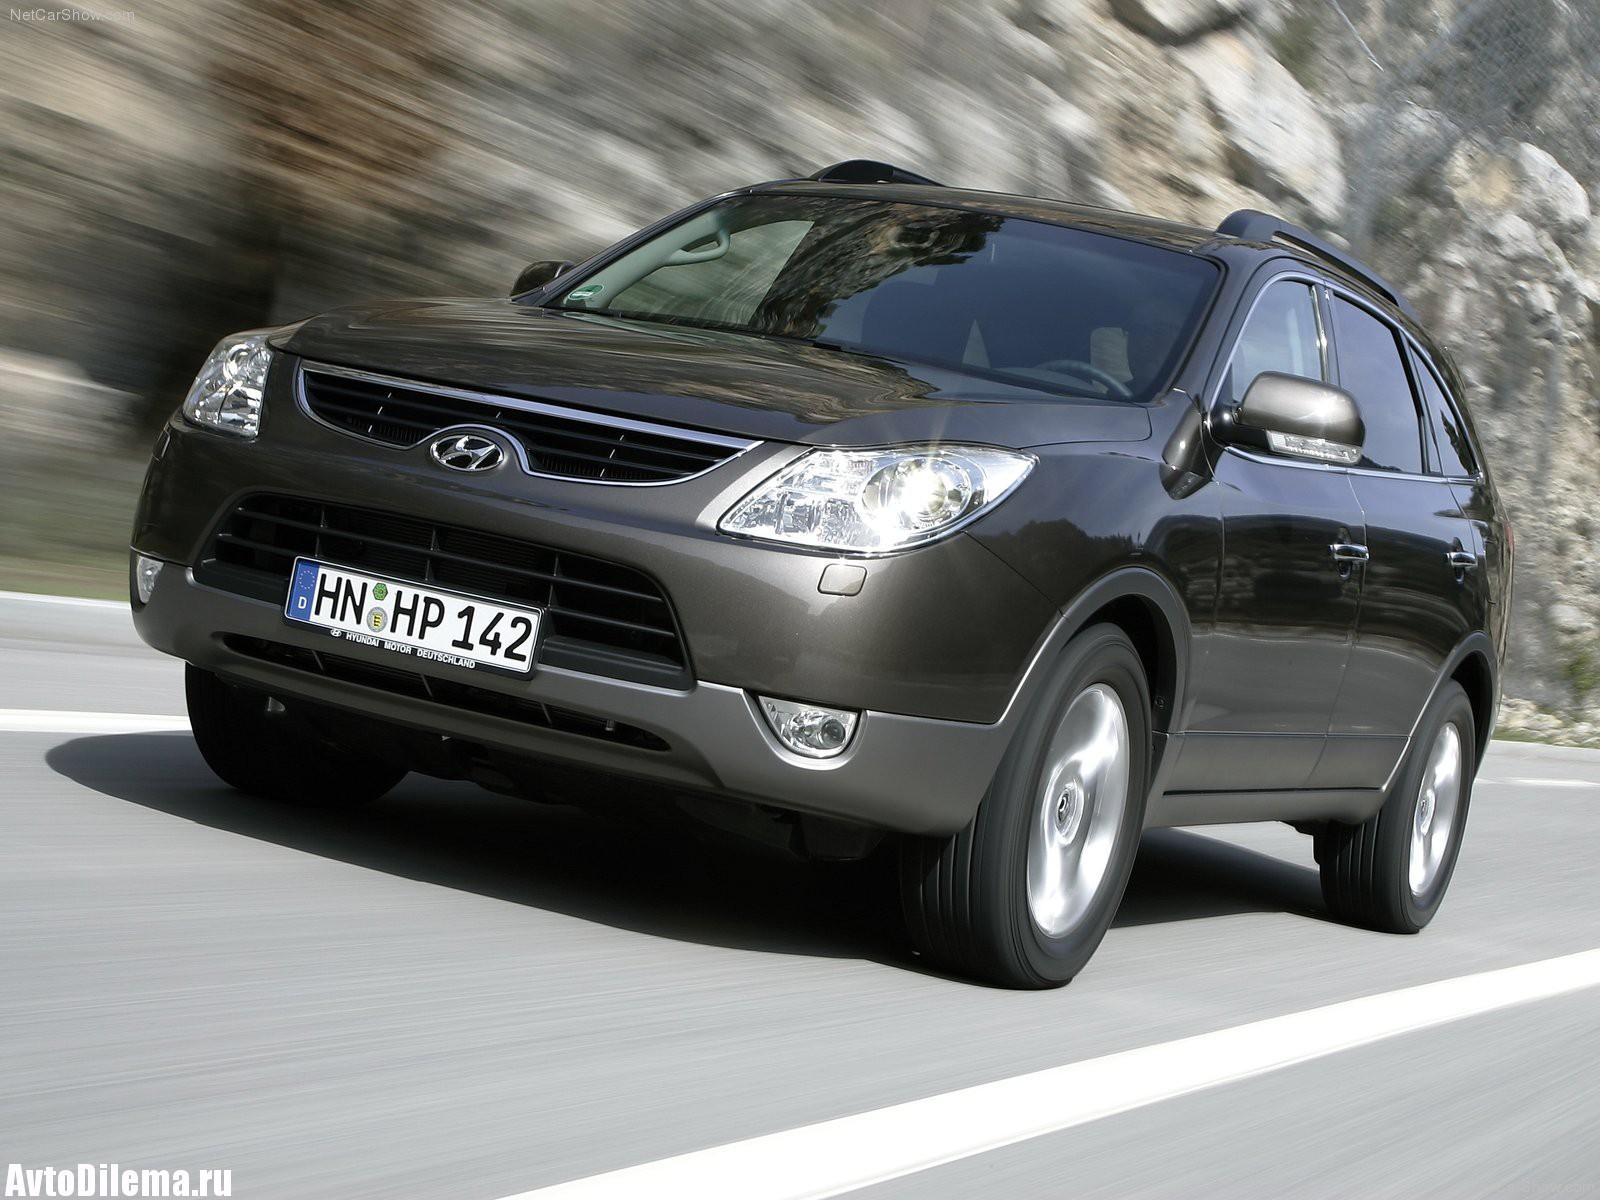 Слабые места Hyundai IX55 (Veracruz)